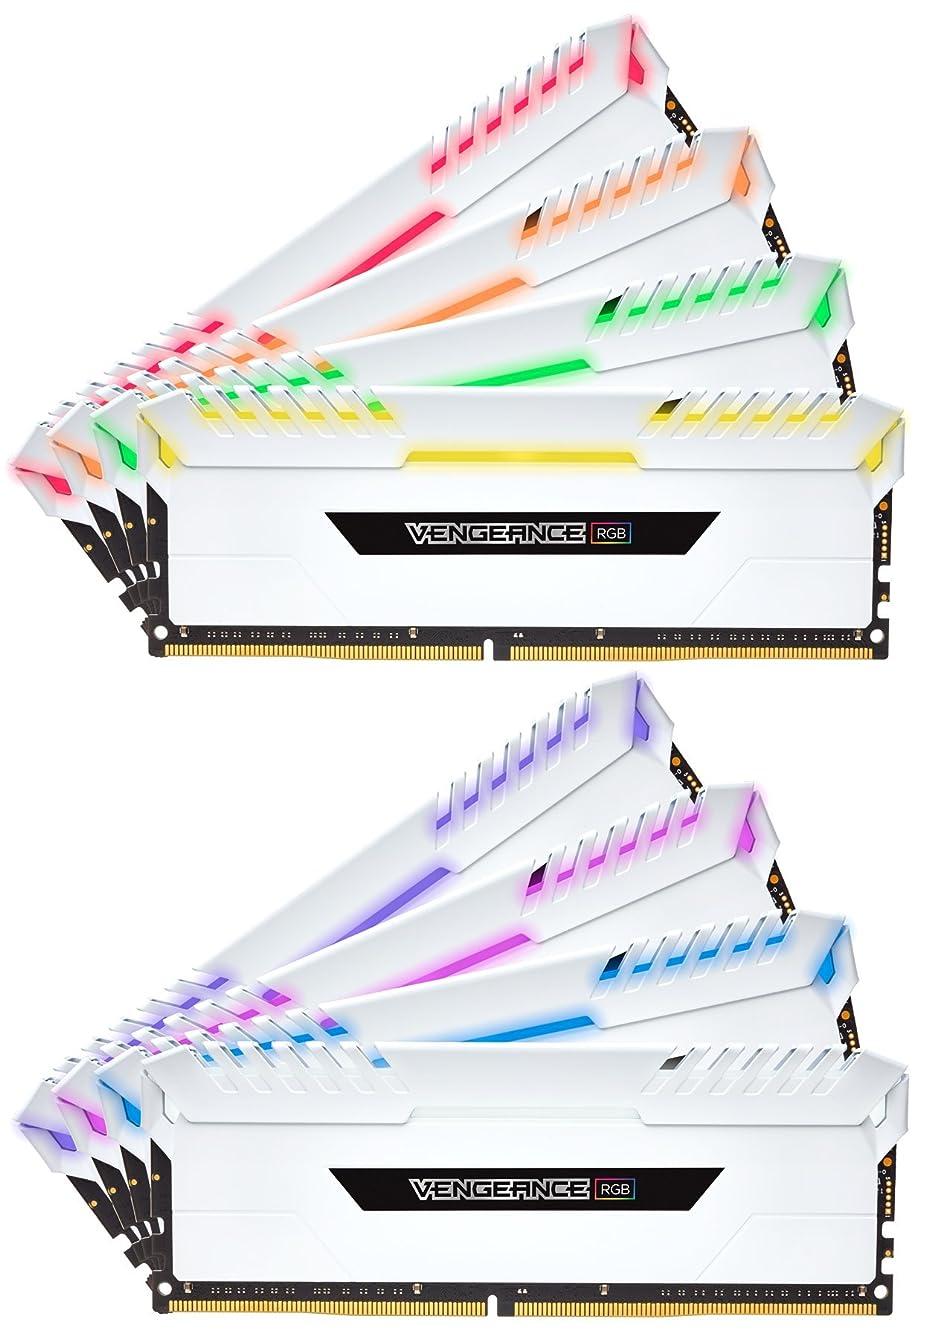 意義ソーダ水深くCORSAIR DDR4-3000MHz デスクトップPC用 メモリモジュール VENGEANCE RGB シリーズ 128GB [16GB×8枚] CMR128GX4M8C3000C16W